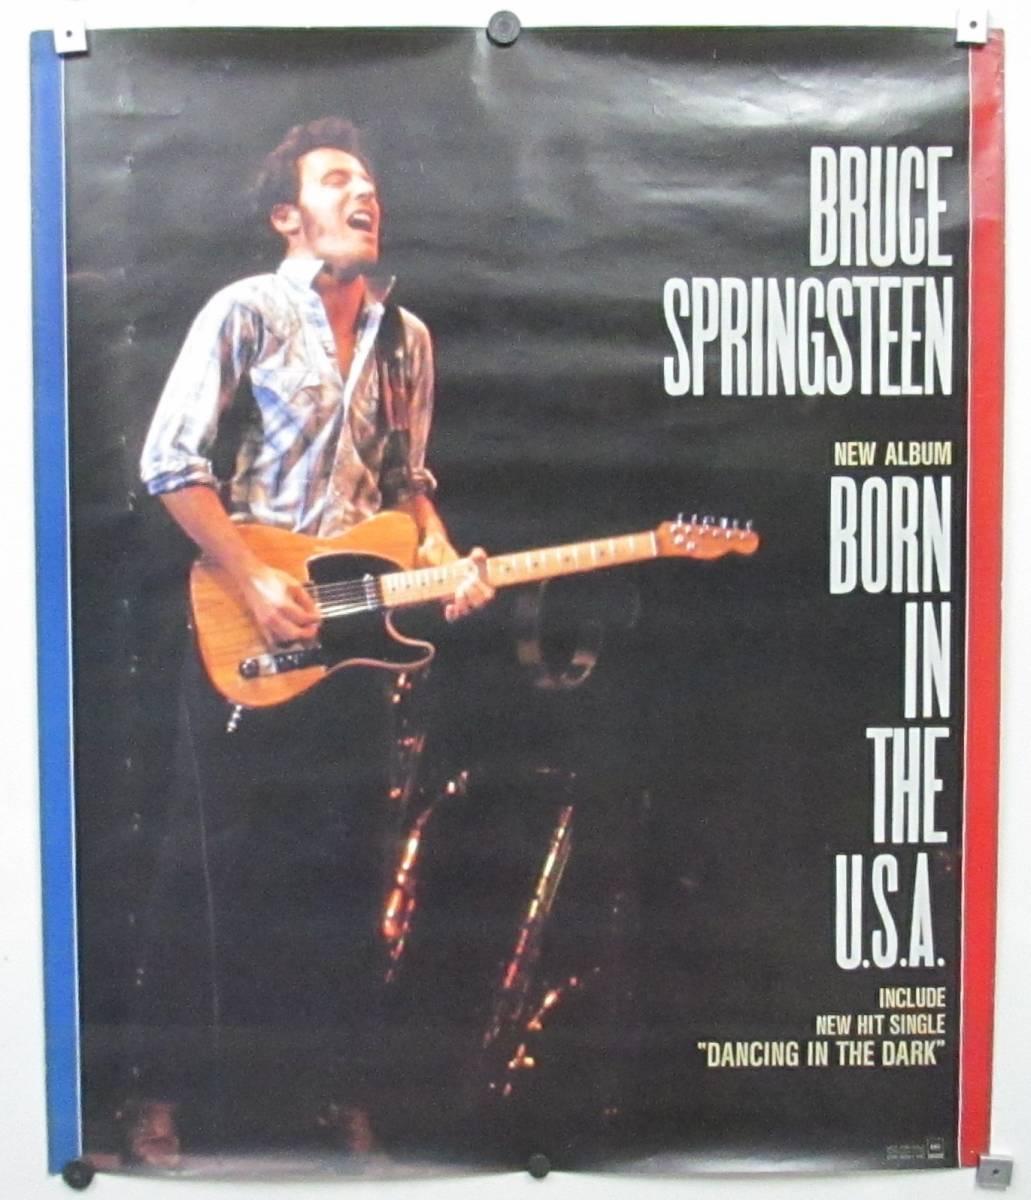 102「ブルース・スプリングスティーン『BORN・IN・THE・U.S.A.』 CBS/SONY ポスター」